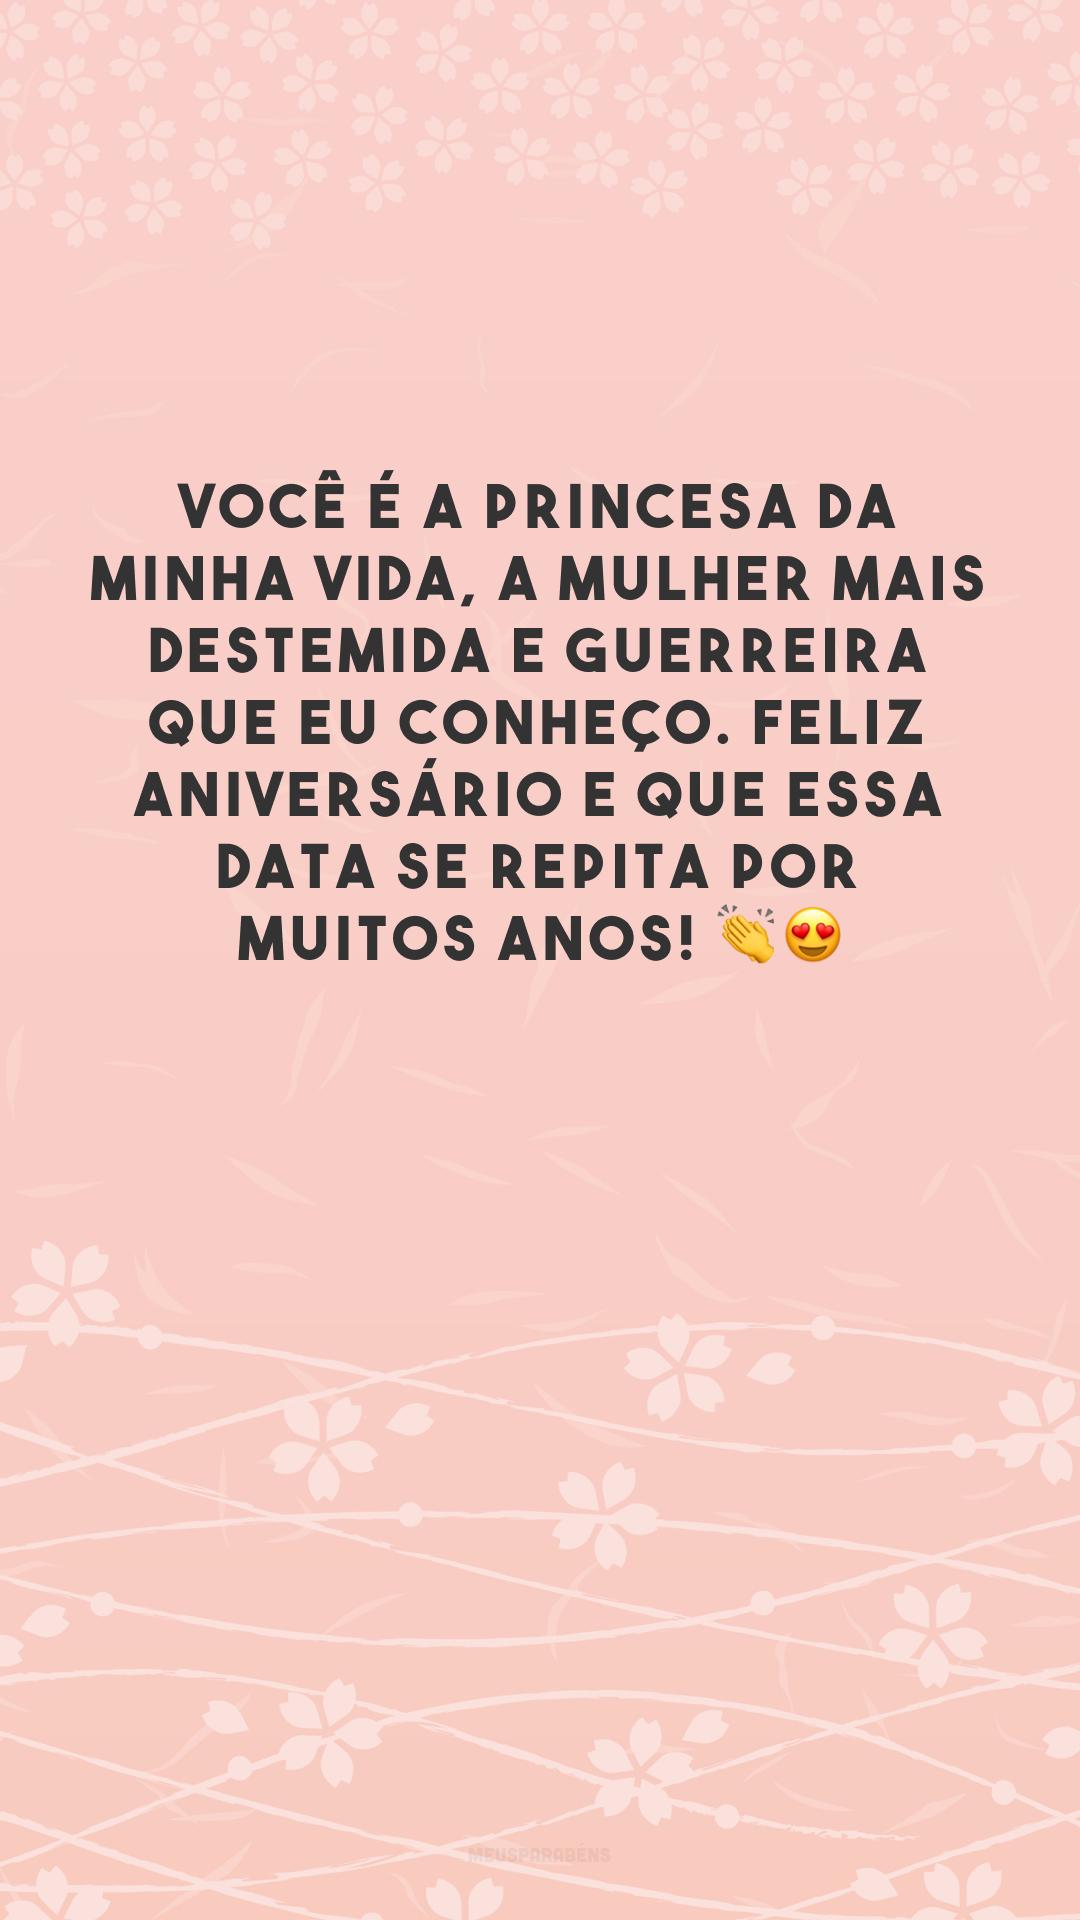 Você é a princesa da minha vida, a mulher mais destemida e guerreira que eu conheço. Feliz aniversário e que essa data se repita por muitos anos! 👏😍